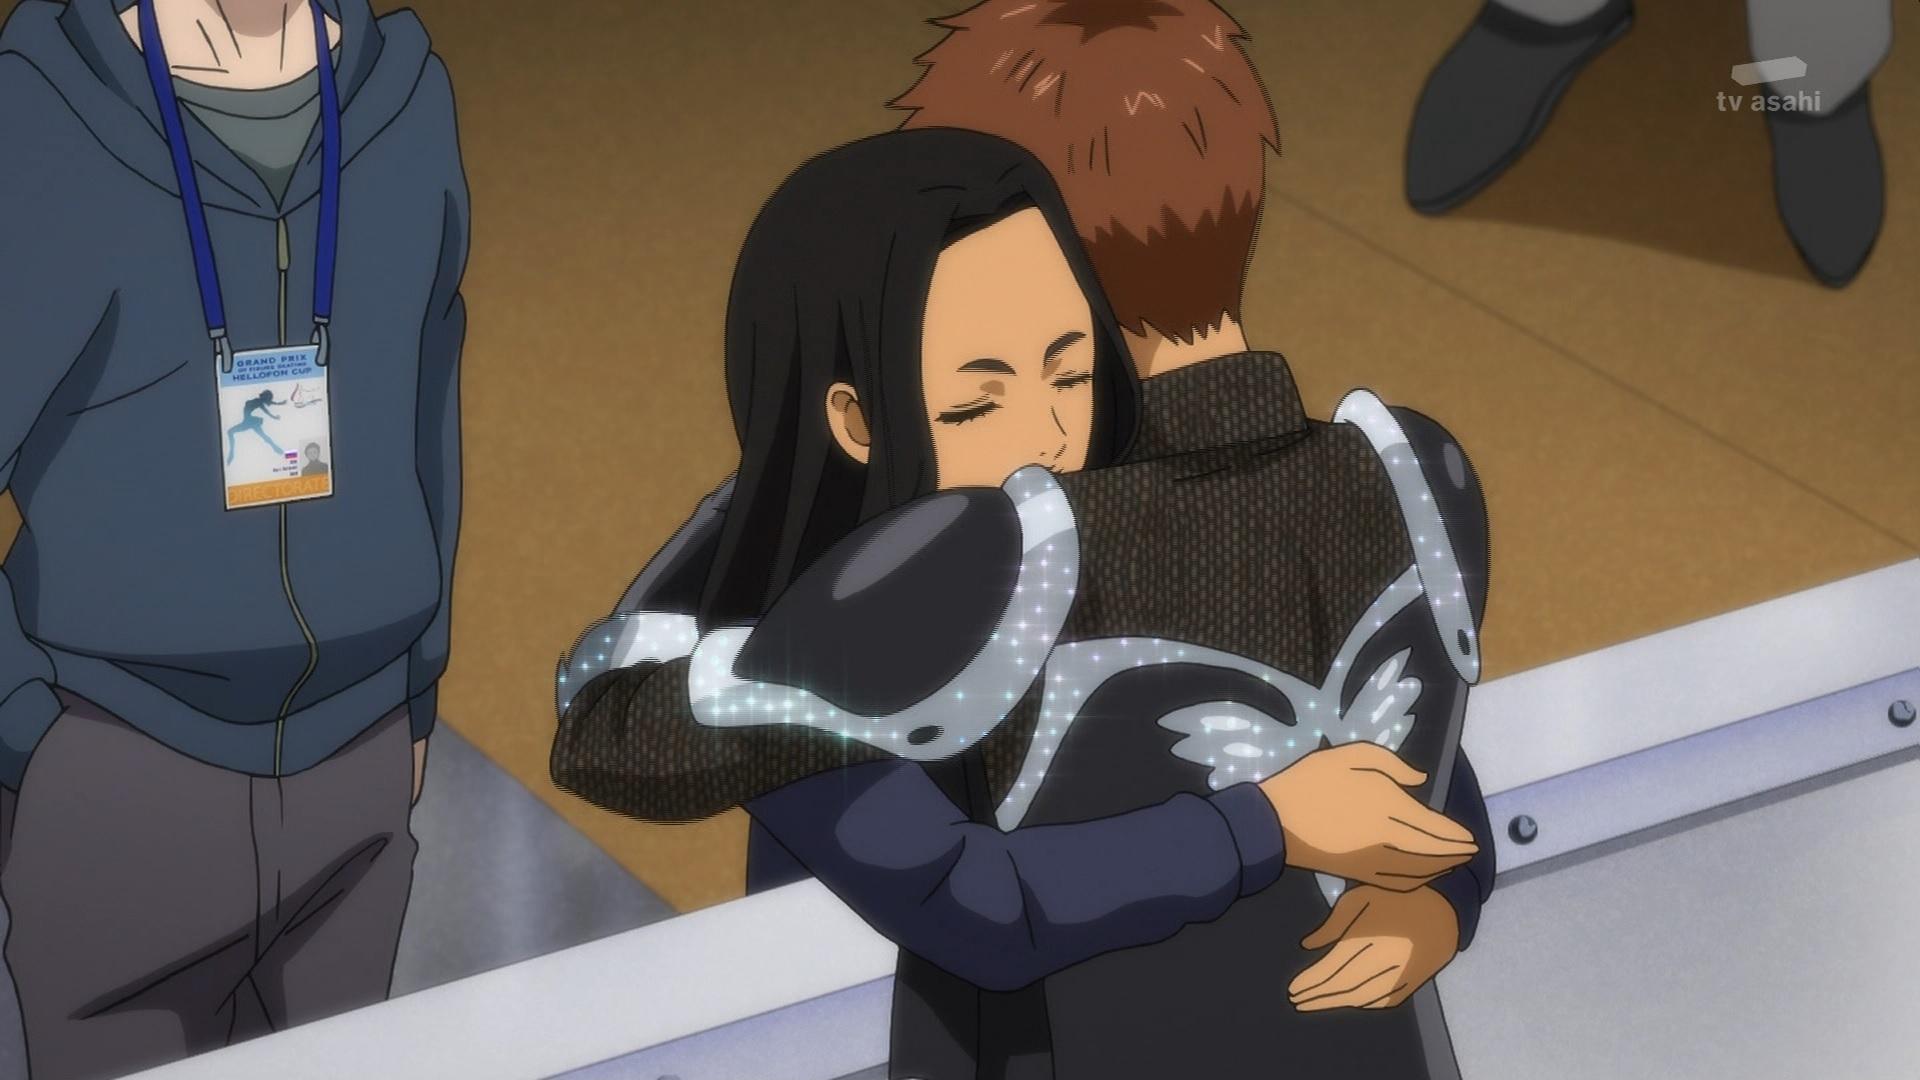 ミケーレ・クリスピーノとサーラ・クリスピーノ(第8話画像)